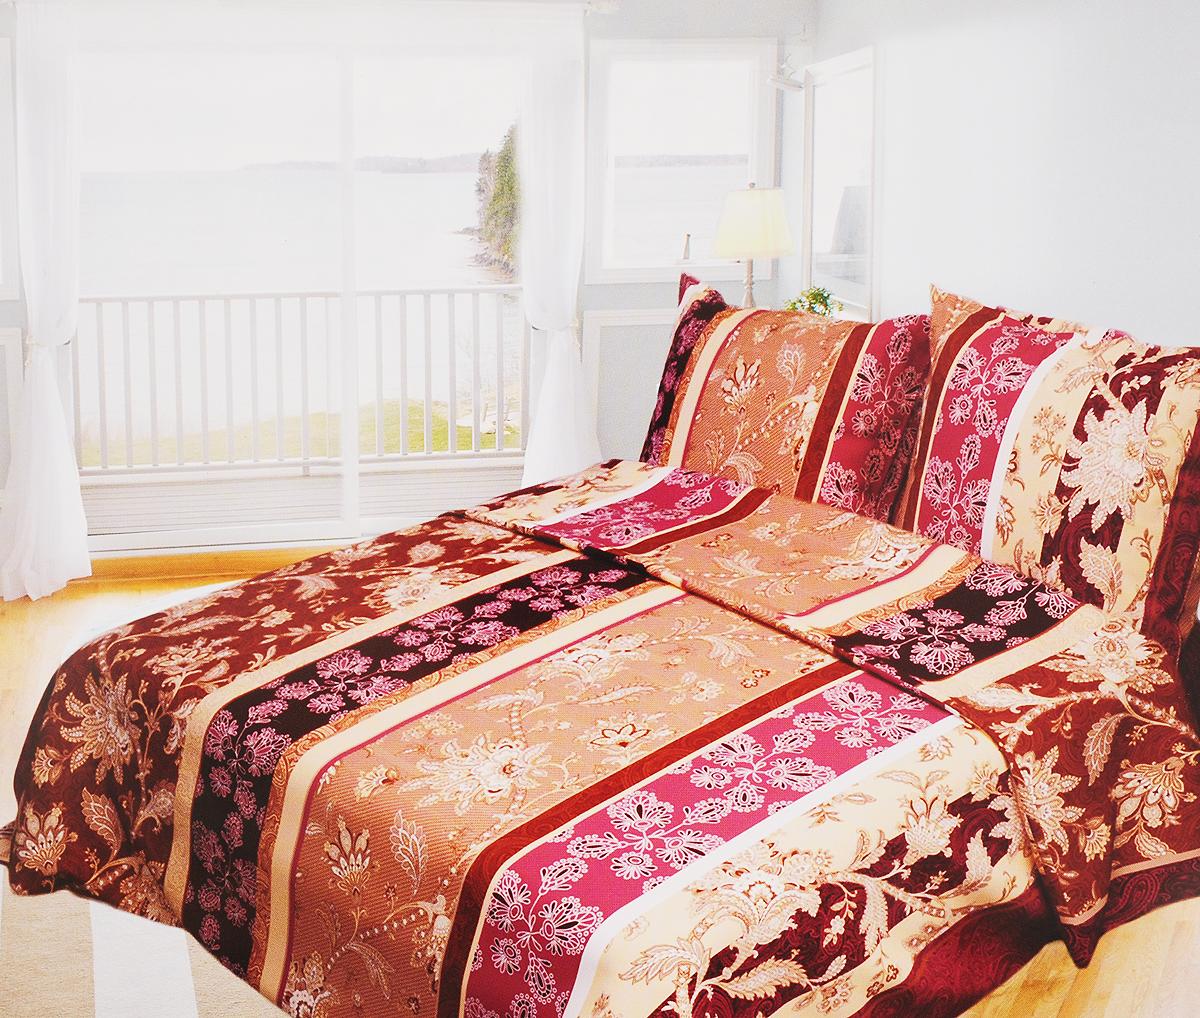 На сегодняшний день, бязь является одним из основных видов тканей, используемых для изготовленияпостельного белья. Бязь «Олеся» довольно прочная, но при этом очень мягкая и приятная на ощупь. Косновным характеристикам новой ТМ «Олеся» относятся высокая воздухопроницаемость исопротивляемость истиранию.С постельным бельем «Олеся» создать комфорт и уют в доме просто и доступно каждому. Красочнаяколлекция радует взгляд и поднимает настроение!